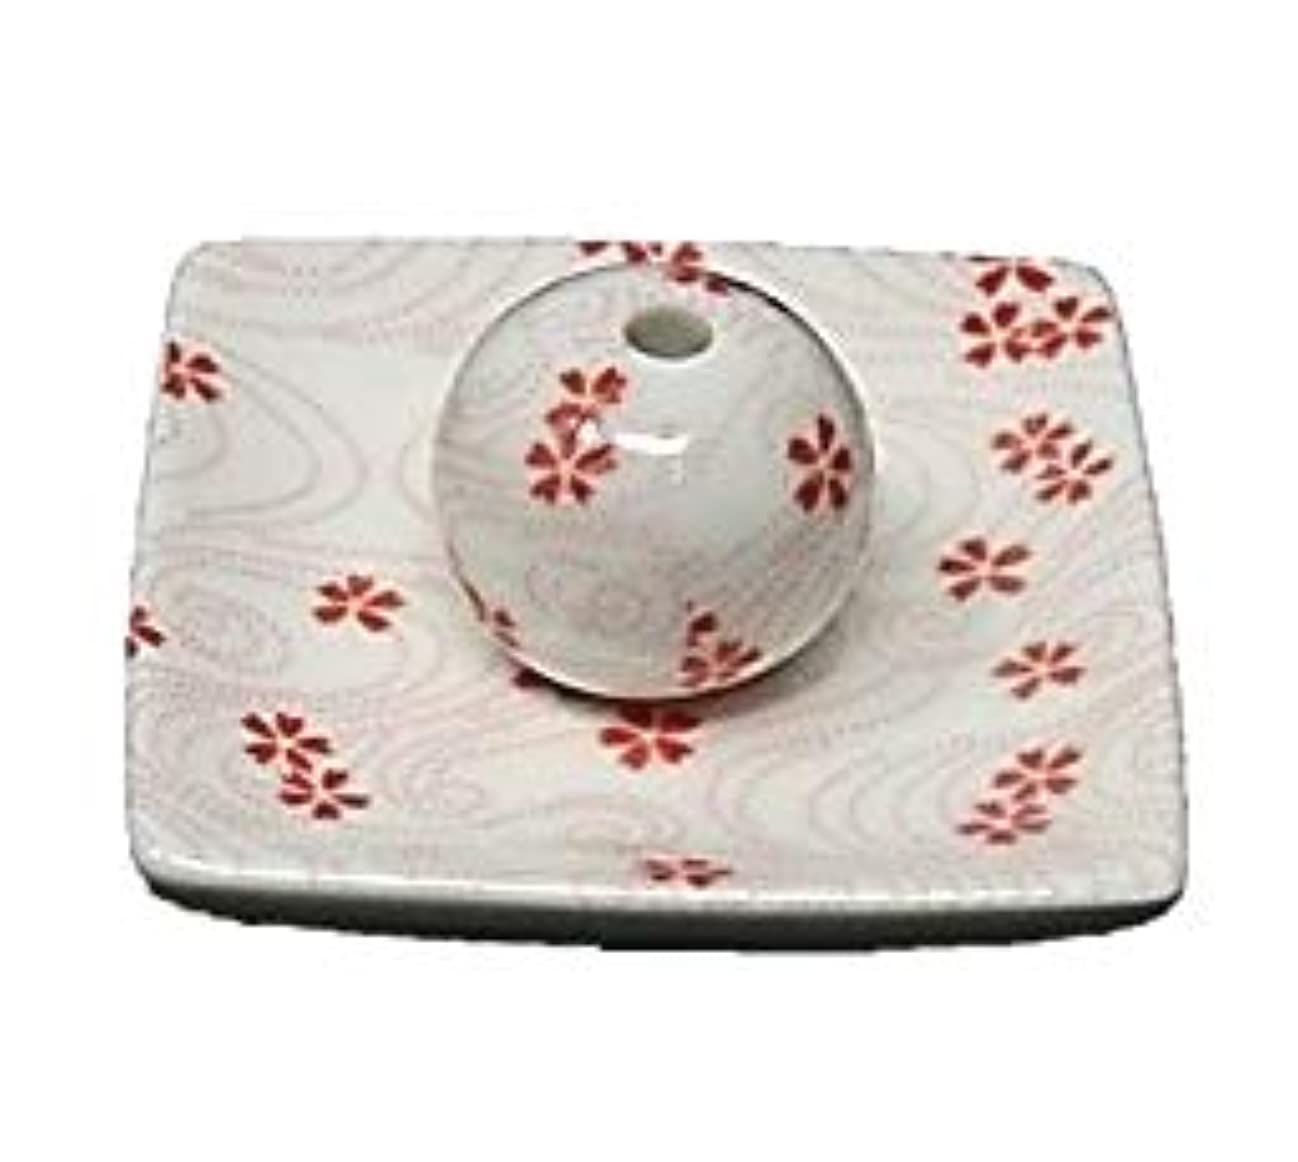 メアリアンジョーンズ揺れる仕出します桜渦 小角皿 お香立て 陶器 お香たて 製造直売 桜 さくら ACSWEBSHOPオリジナル